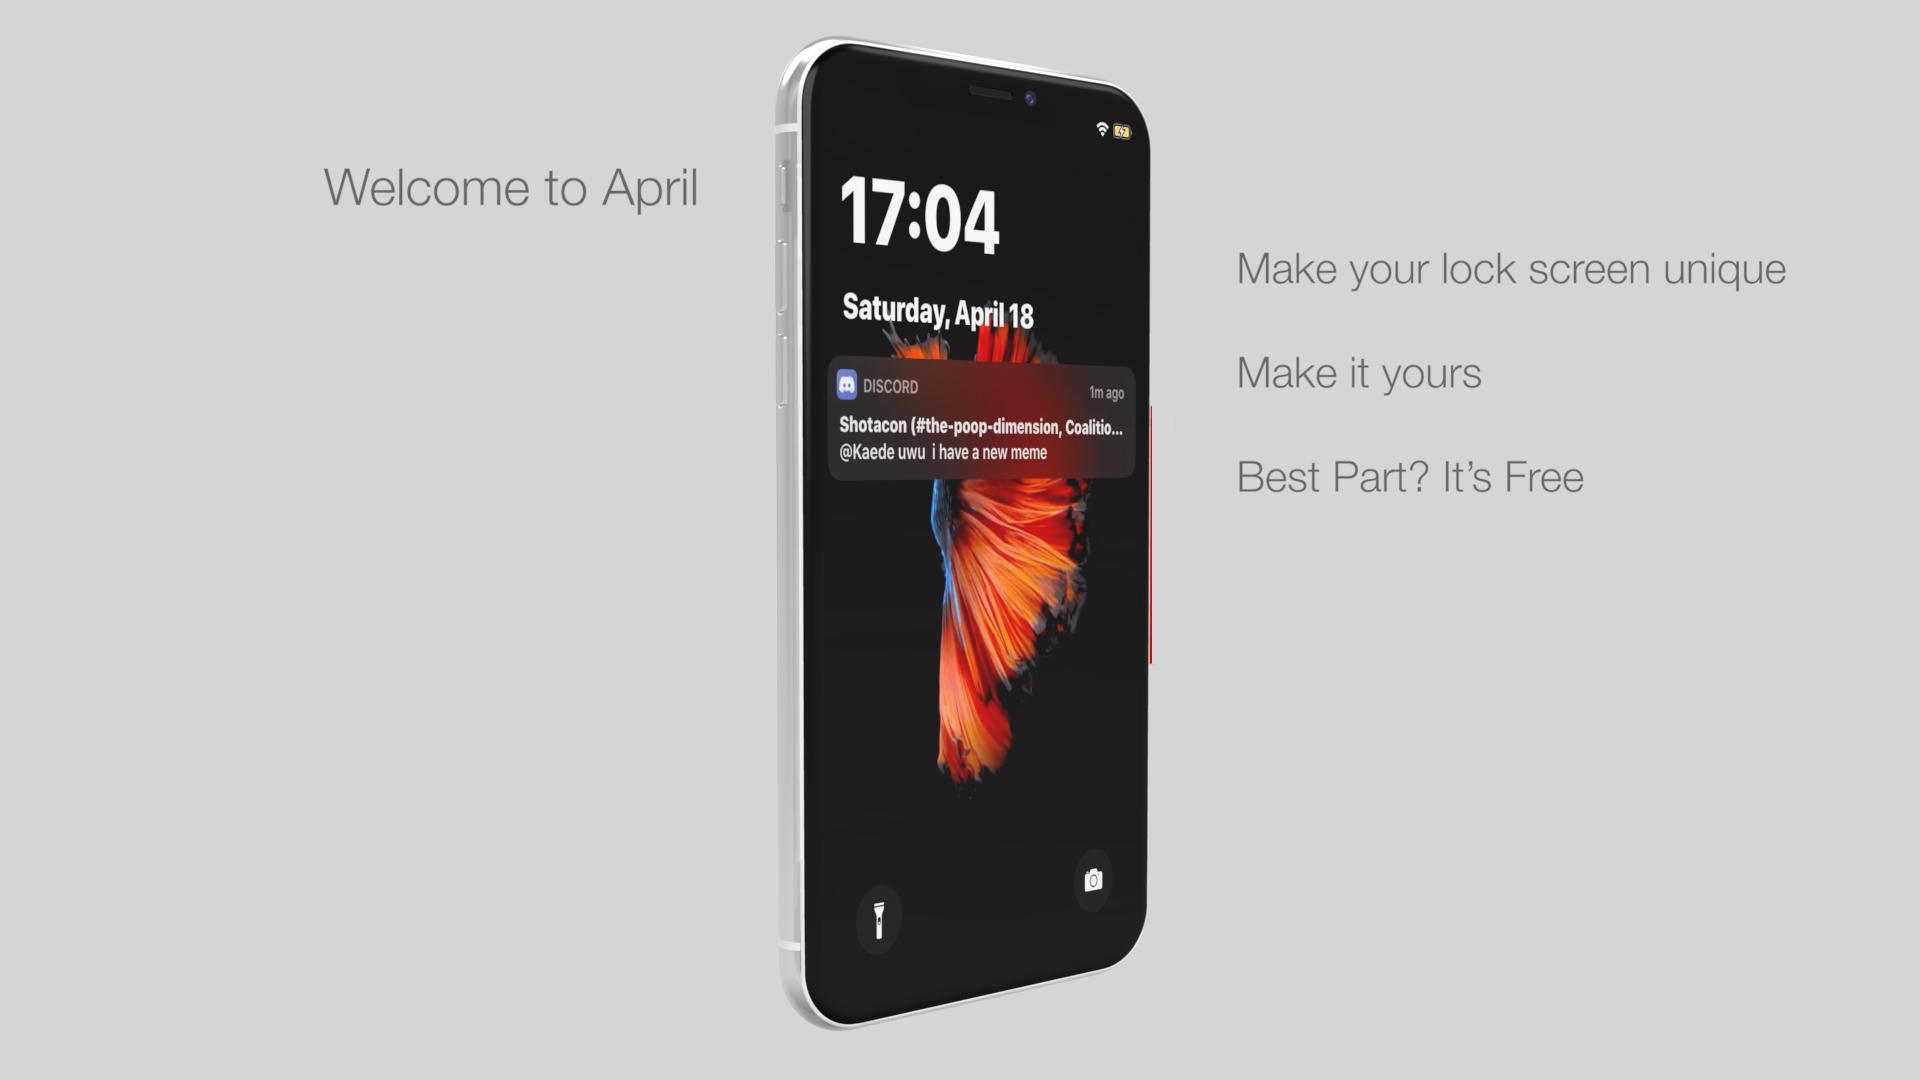 Apríl predstavuje novú úroveň prispôsobenia uzamknutej obrazovky pre jailbroken iPhone